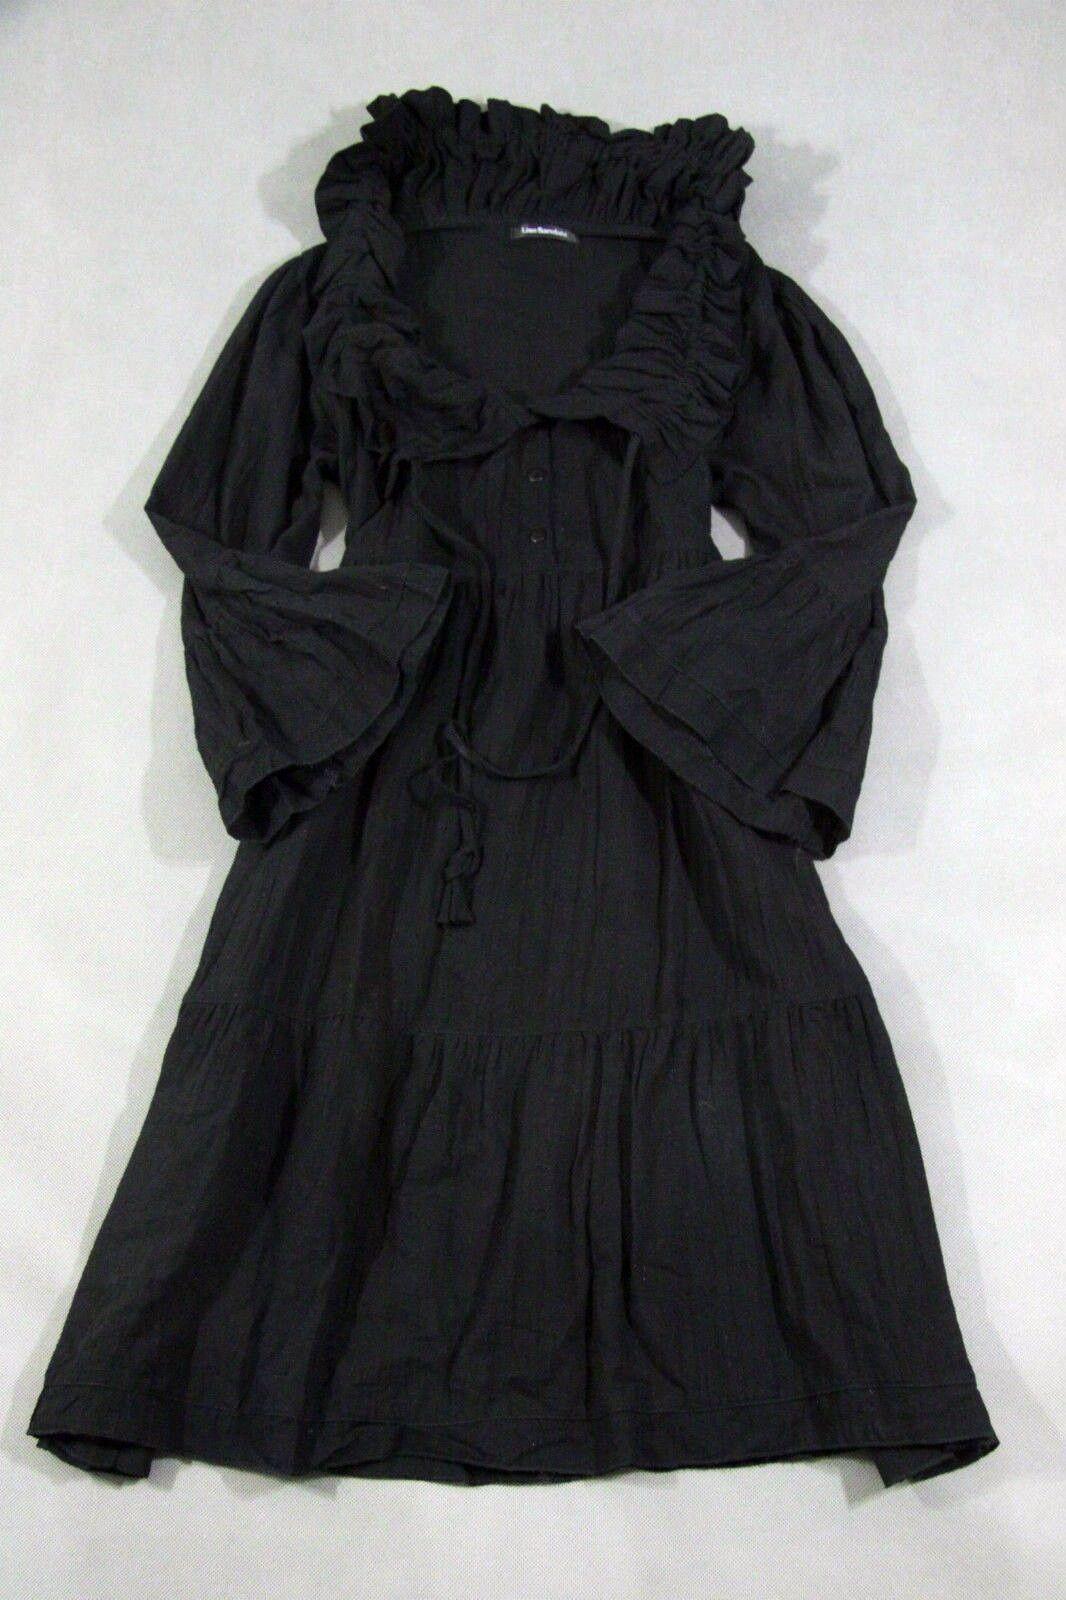 LISE SANDAHL Kleid Gothik 100% 100% 100% Cotton gecrasht,  Schwarz OverGröße Gr. S M   S4 | Viele Sorten  | Adoptieren  | Ausgezeichnete Leistung  e10a71